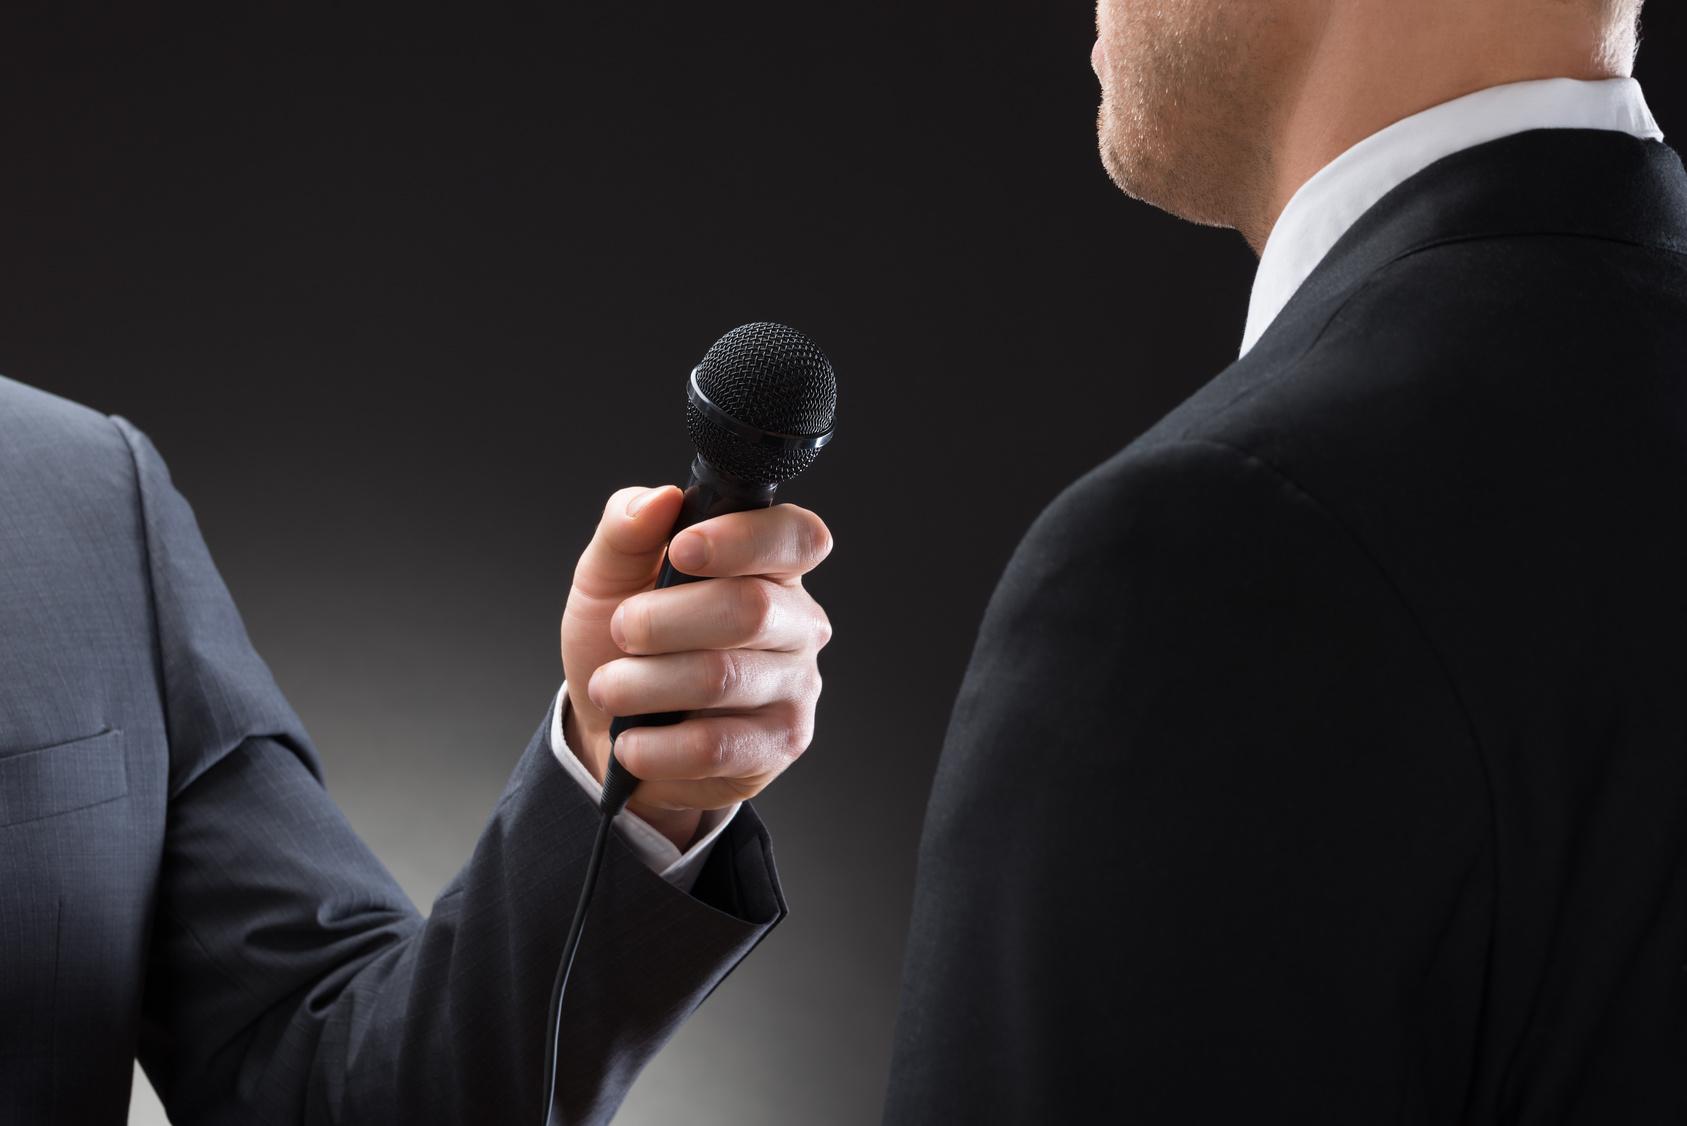 Sprechen Sie auch viel zu schnell?